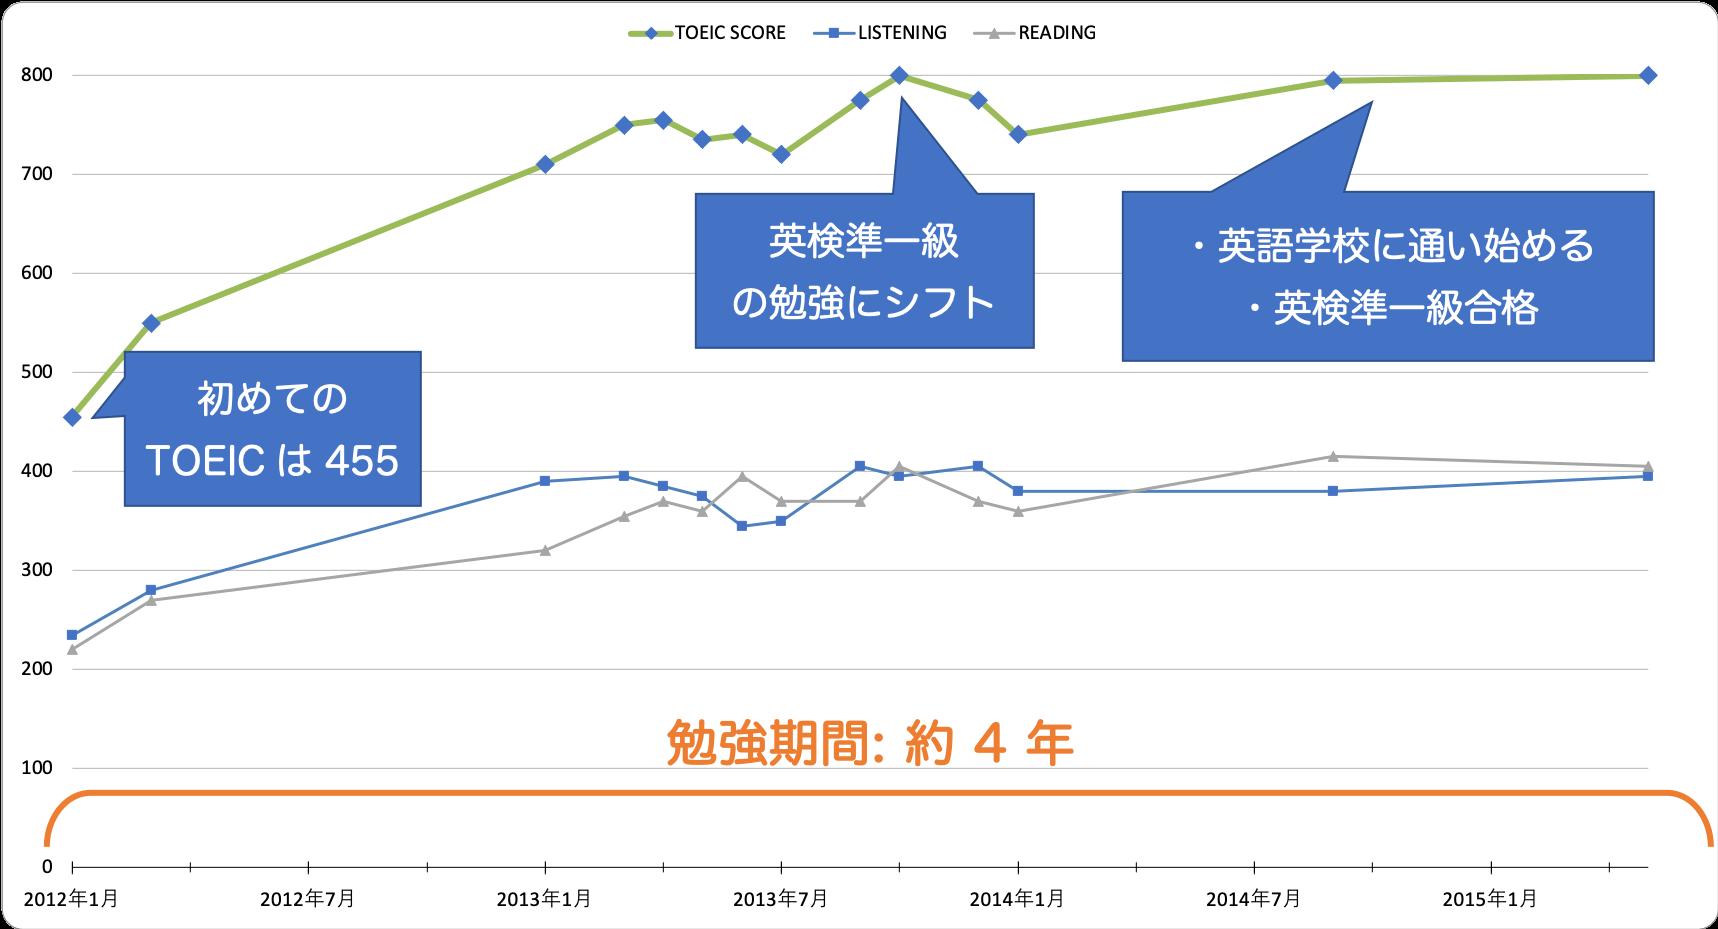 てっぺの英語の歴史